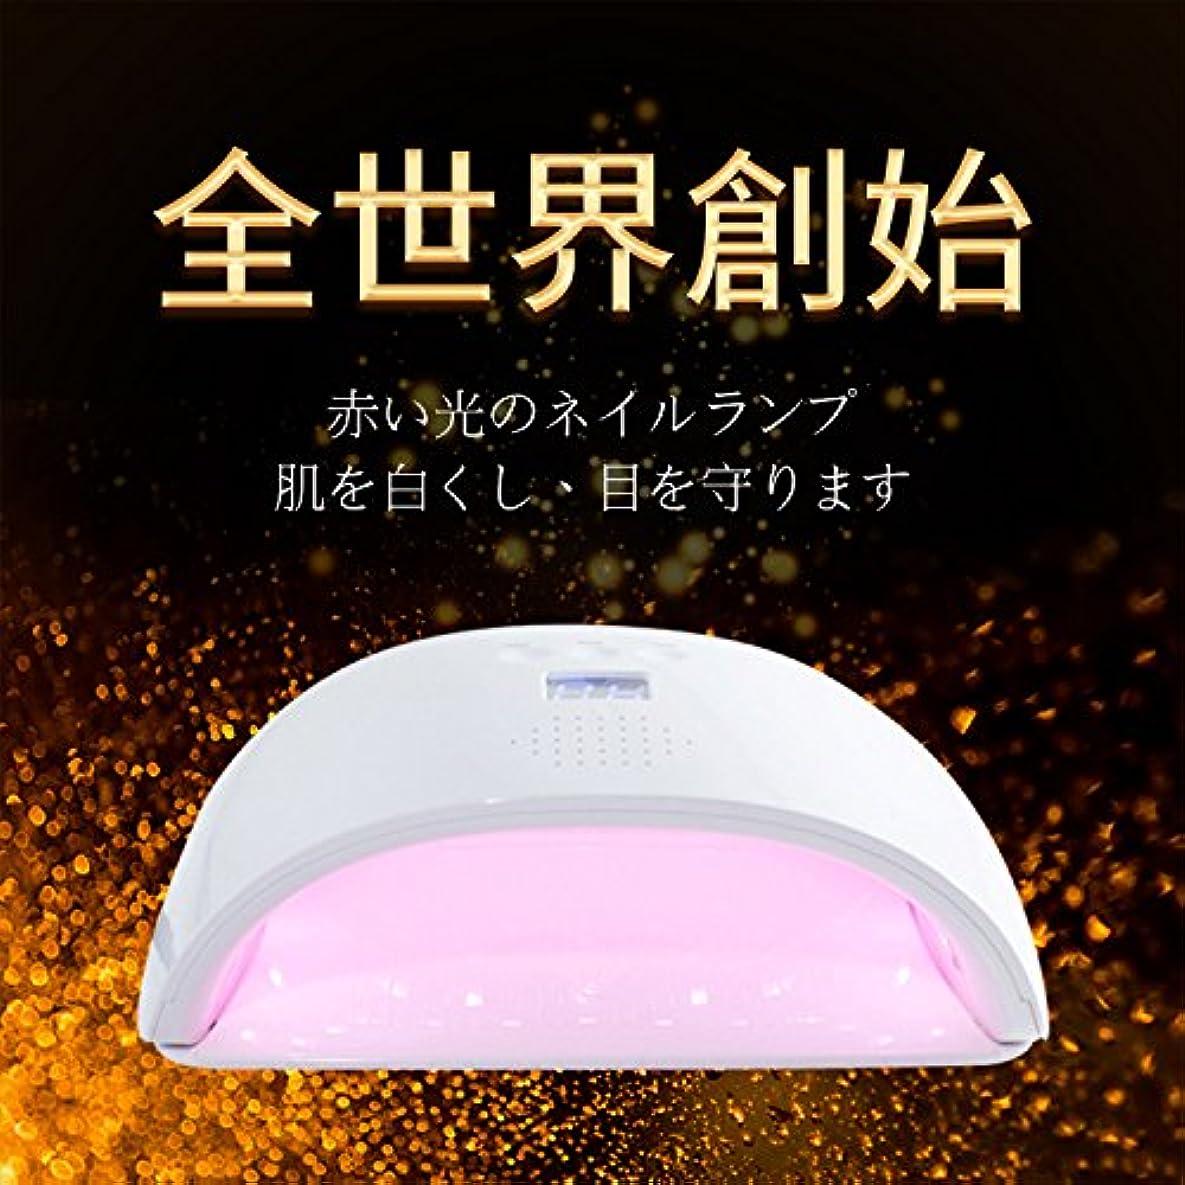 それから方程式呼びかけるHalicer 48W UV LED ネイルドライヤー 人感センサー 自動オンオフ 30S/60S/90Sタイマー設定 取り外し式 手と足両用 22粒UV LDEダブルライト